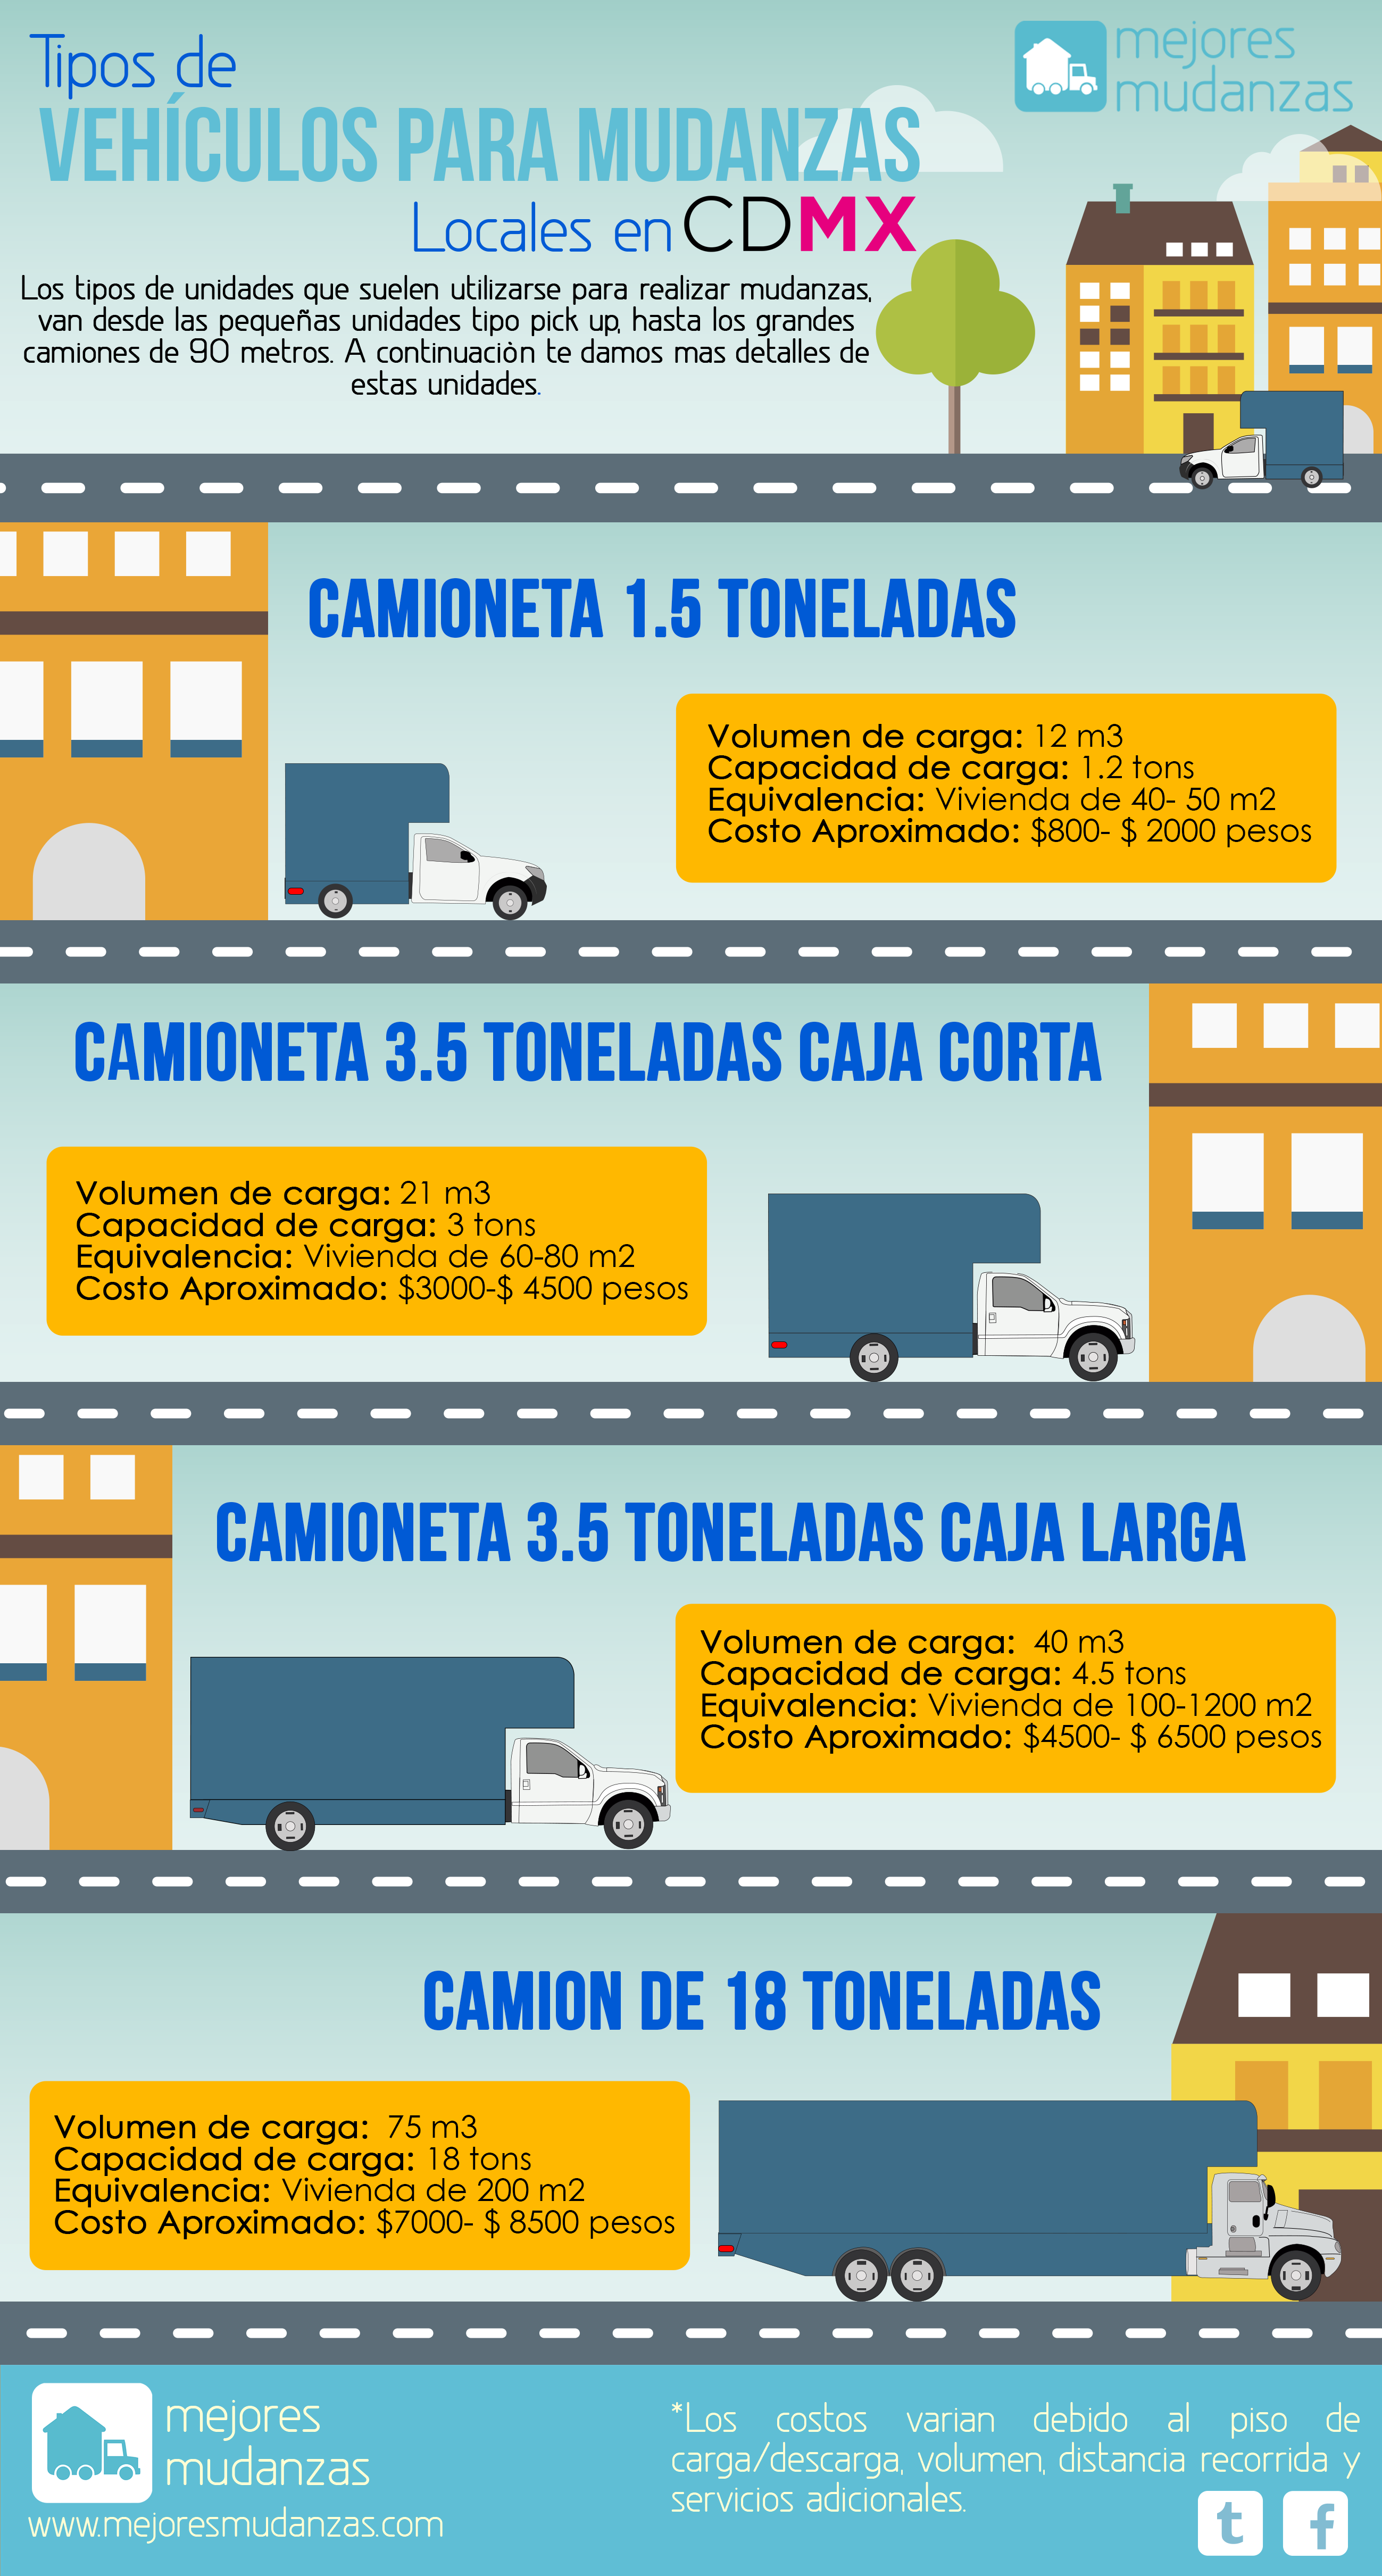 Infografia-tipos de unidades Mudanza-CDMX